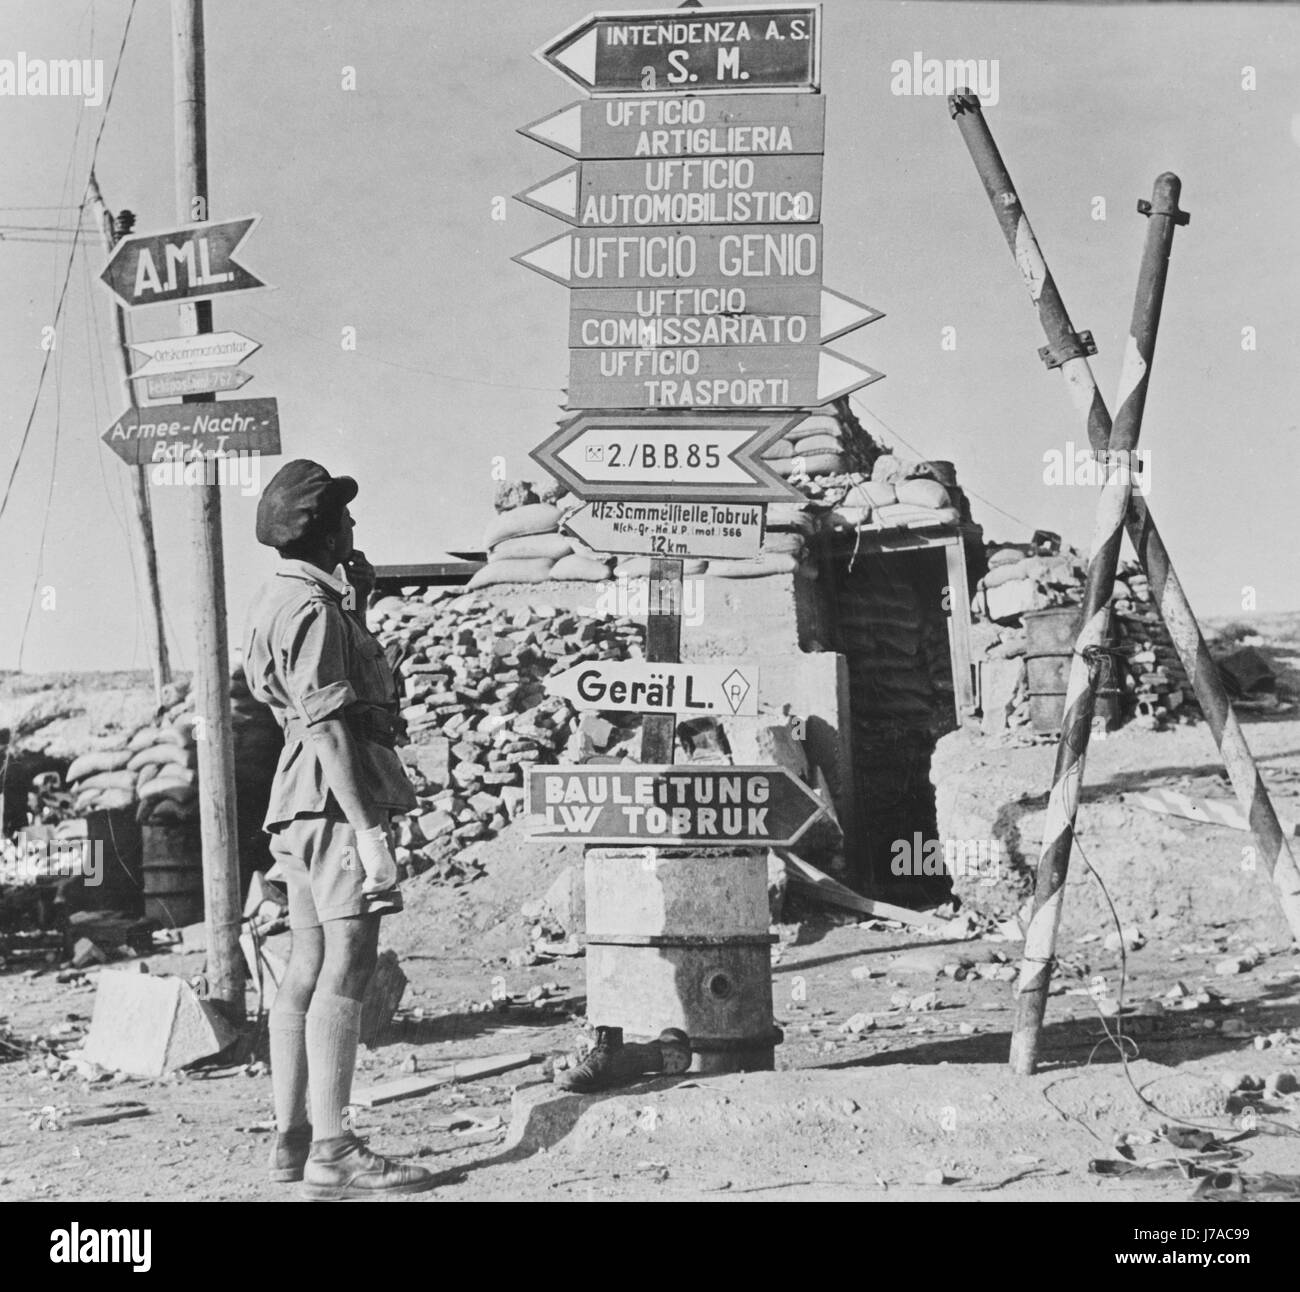 Firmare messaggi stampati in Italiano e Tedesco in corrispondenza di un angolo di strada a Tobruk, Libia, circa Immagini Stock